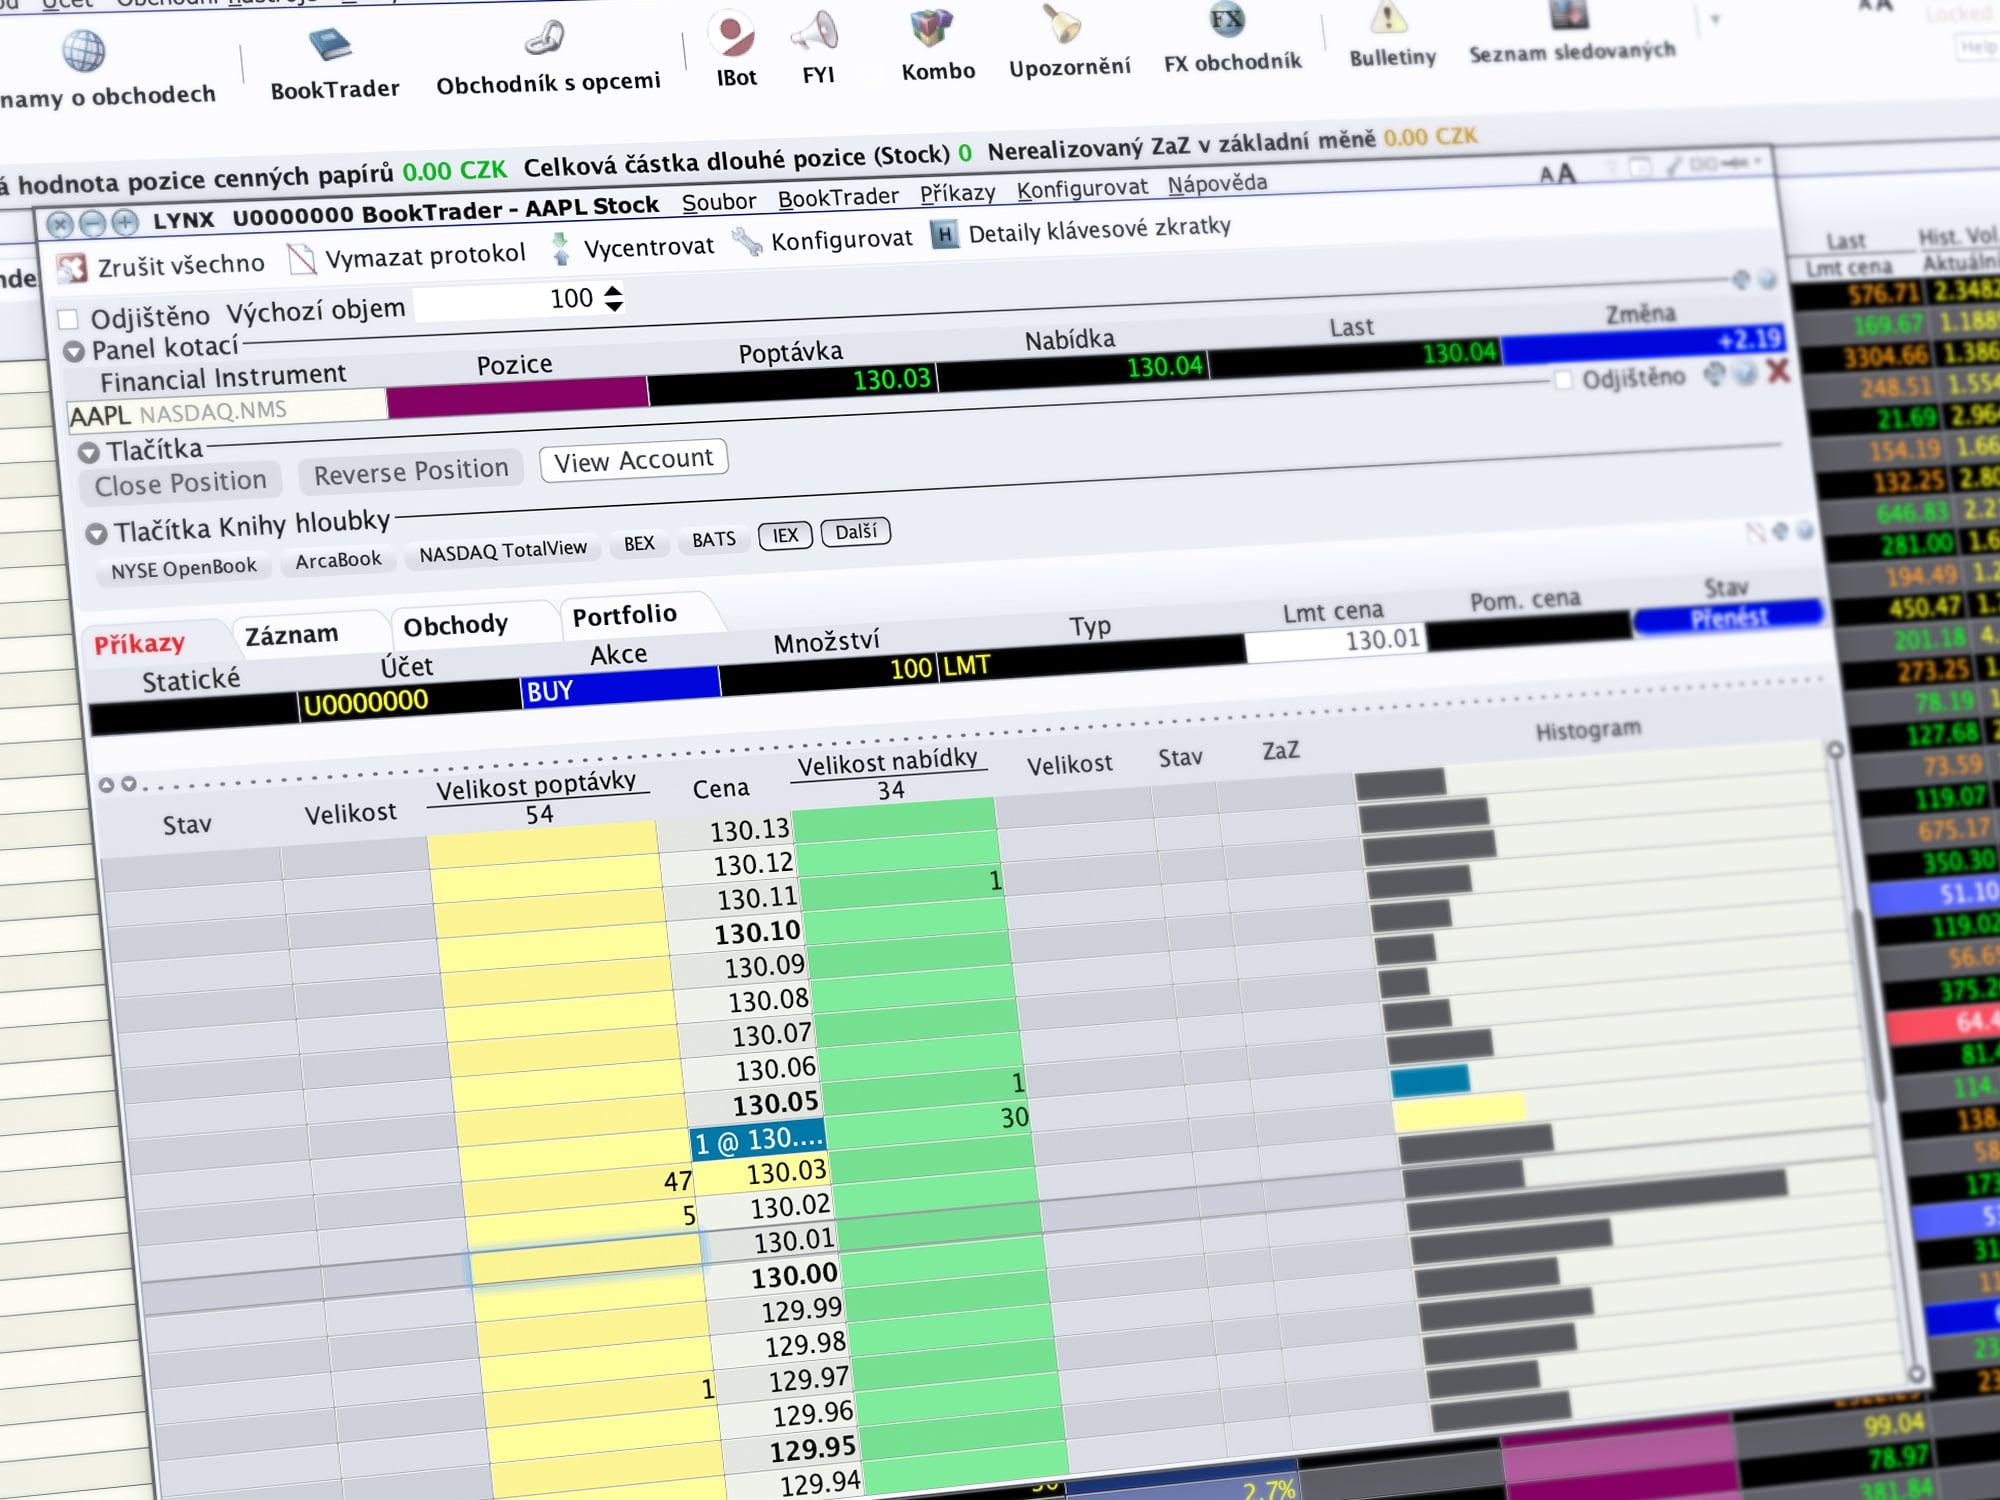 Ukázka obchodování v TWS prostřednictvím nástroje Booktrader